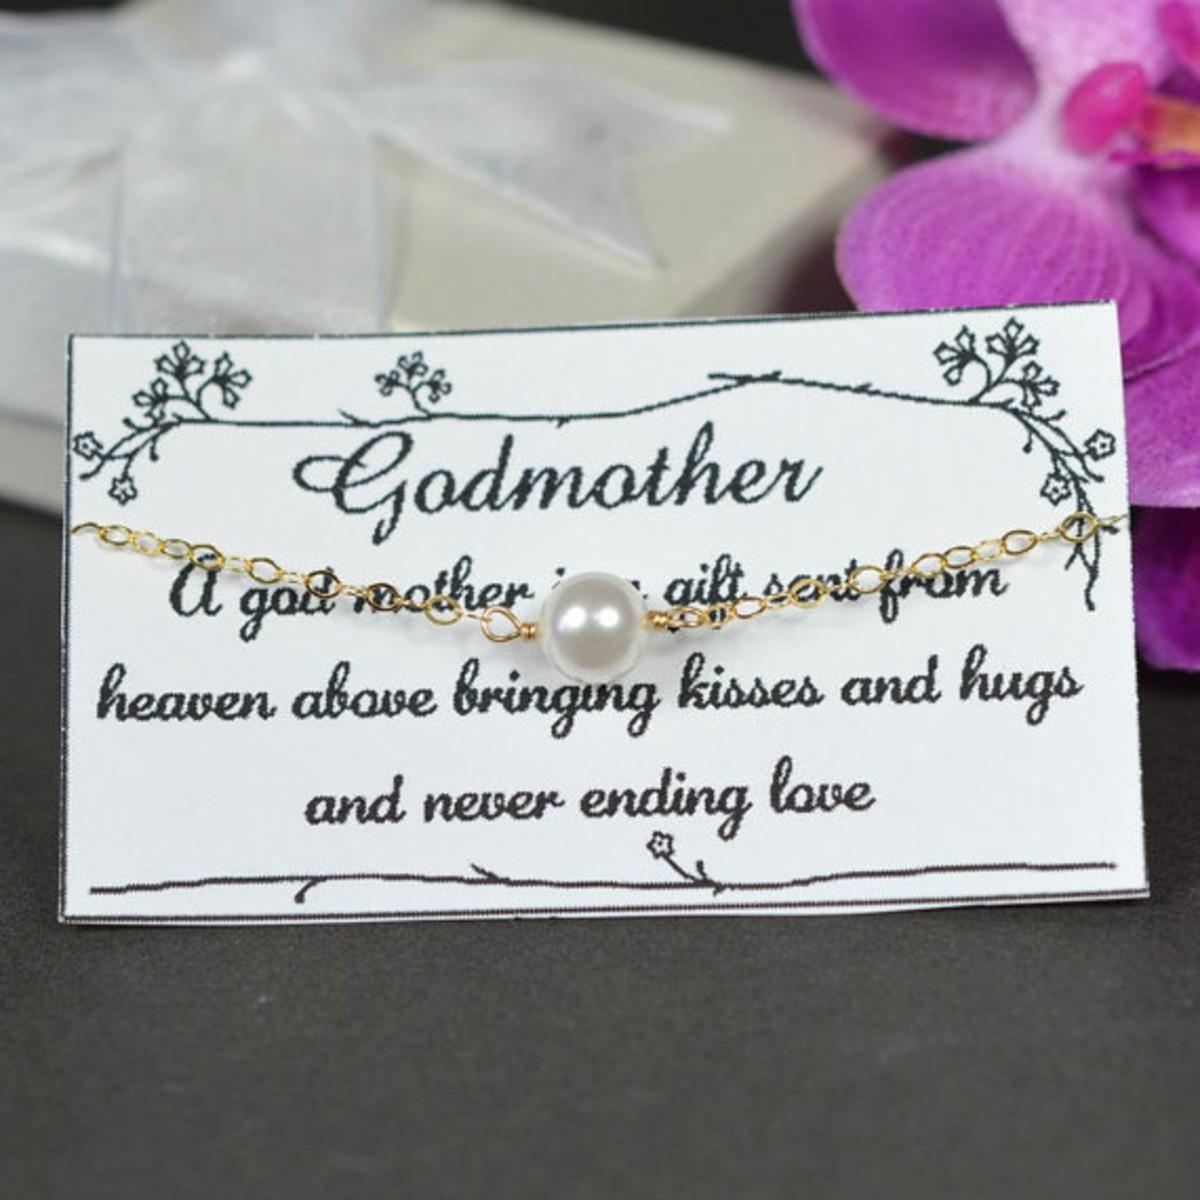 Godmother Responsibilities